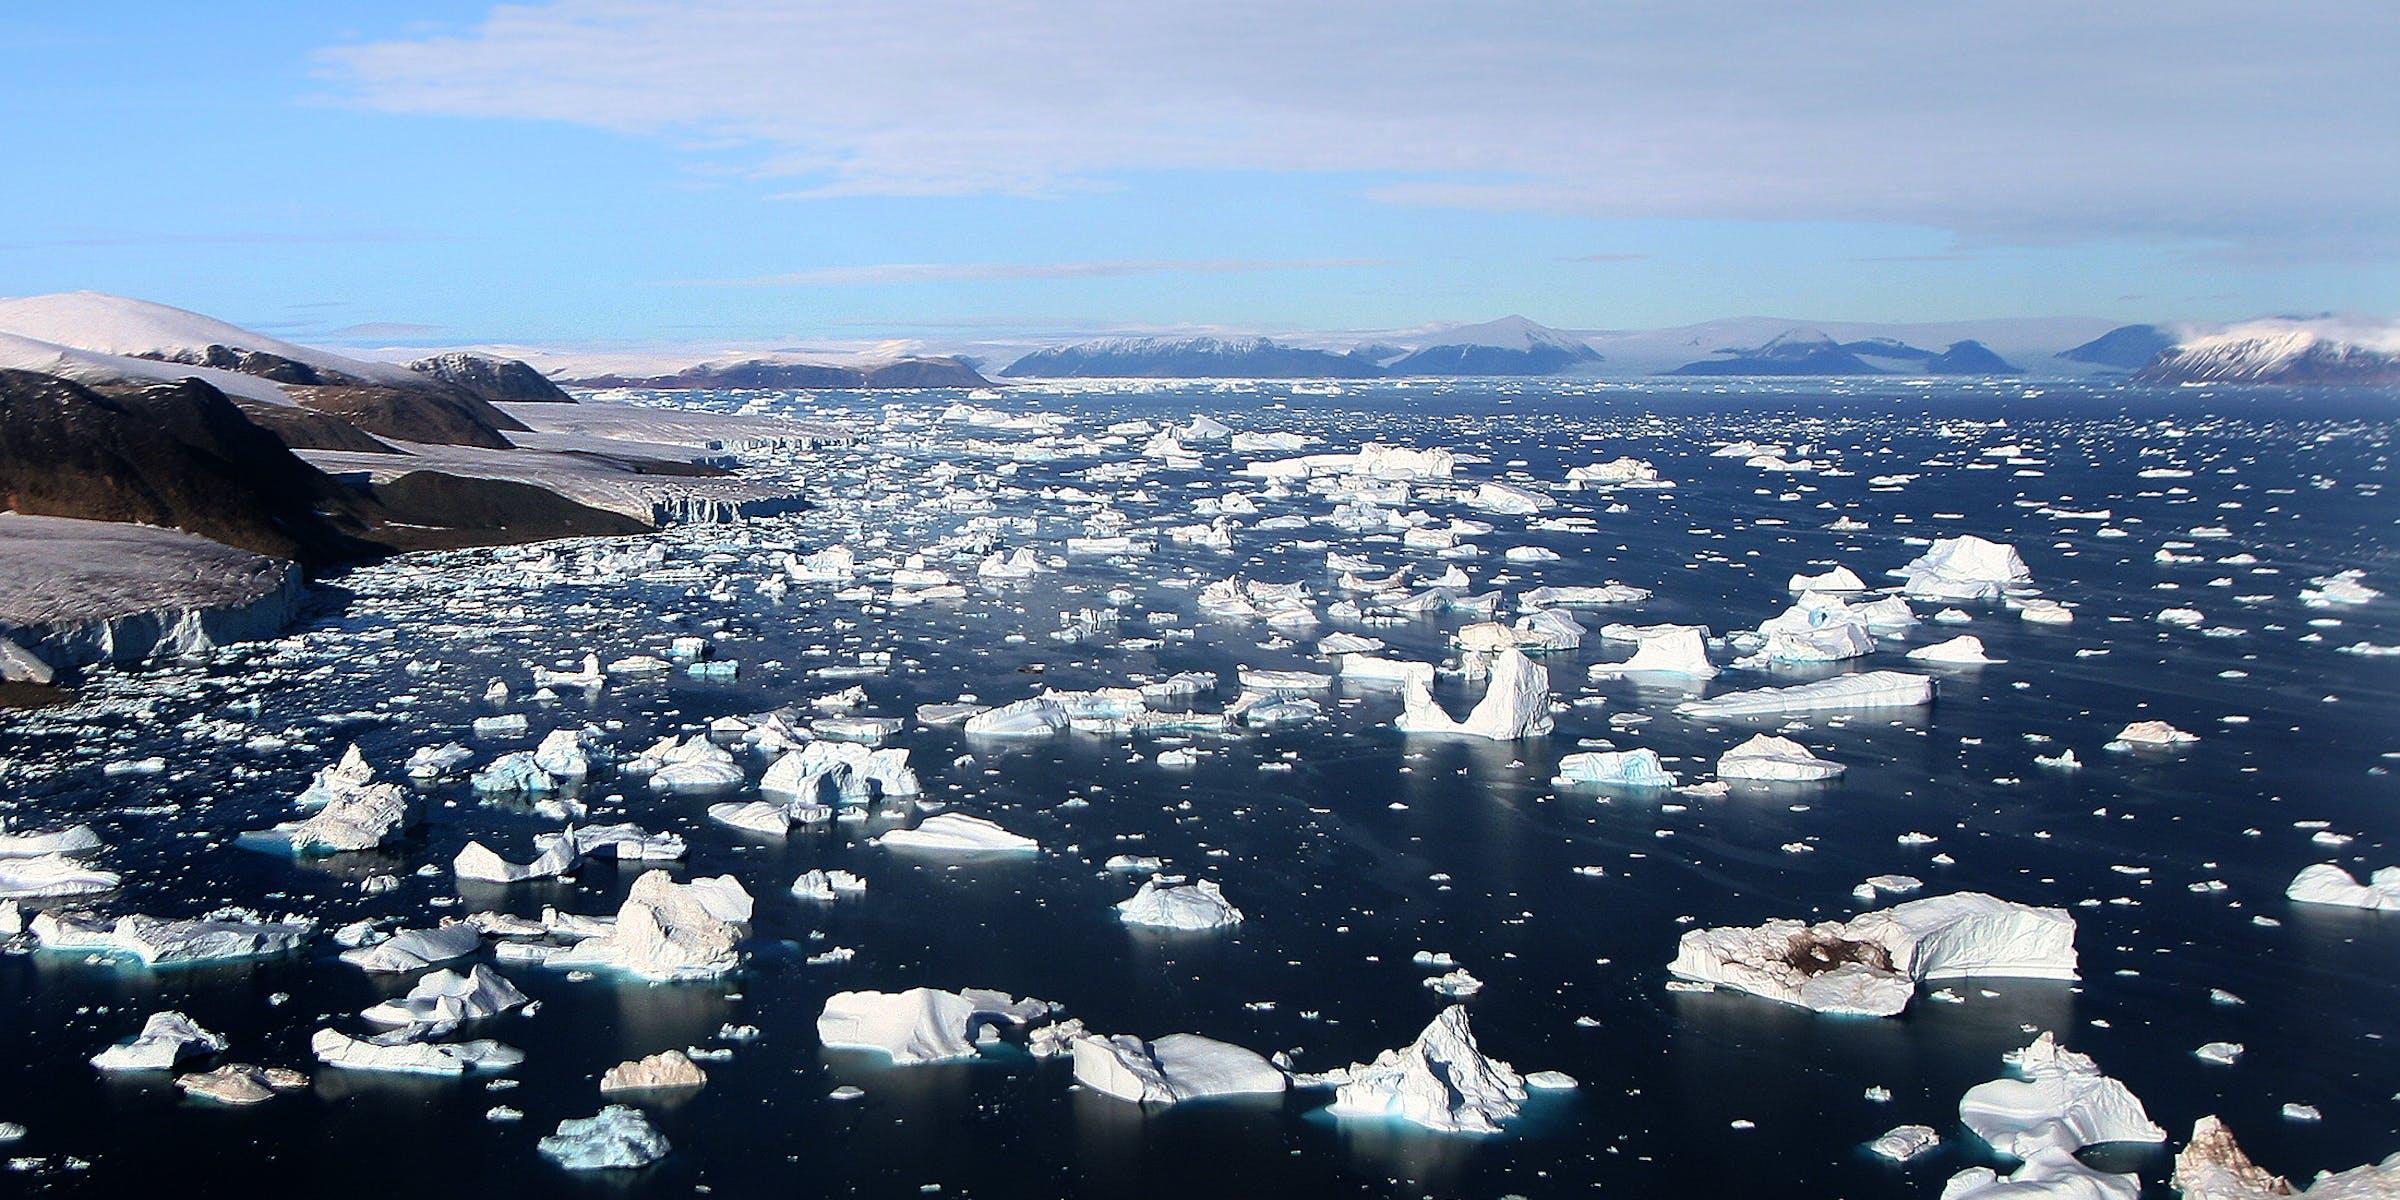 CLimate change ice melt